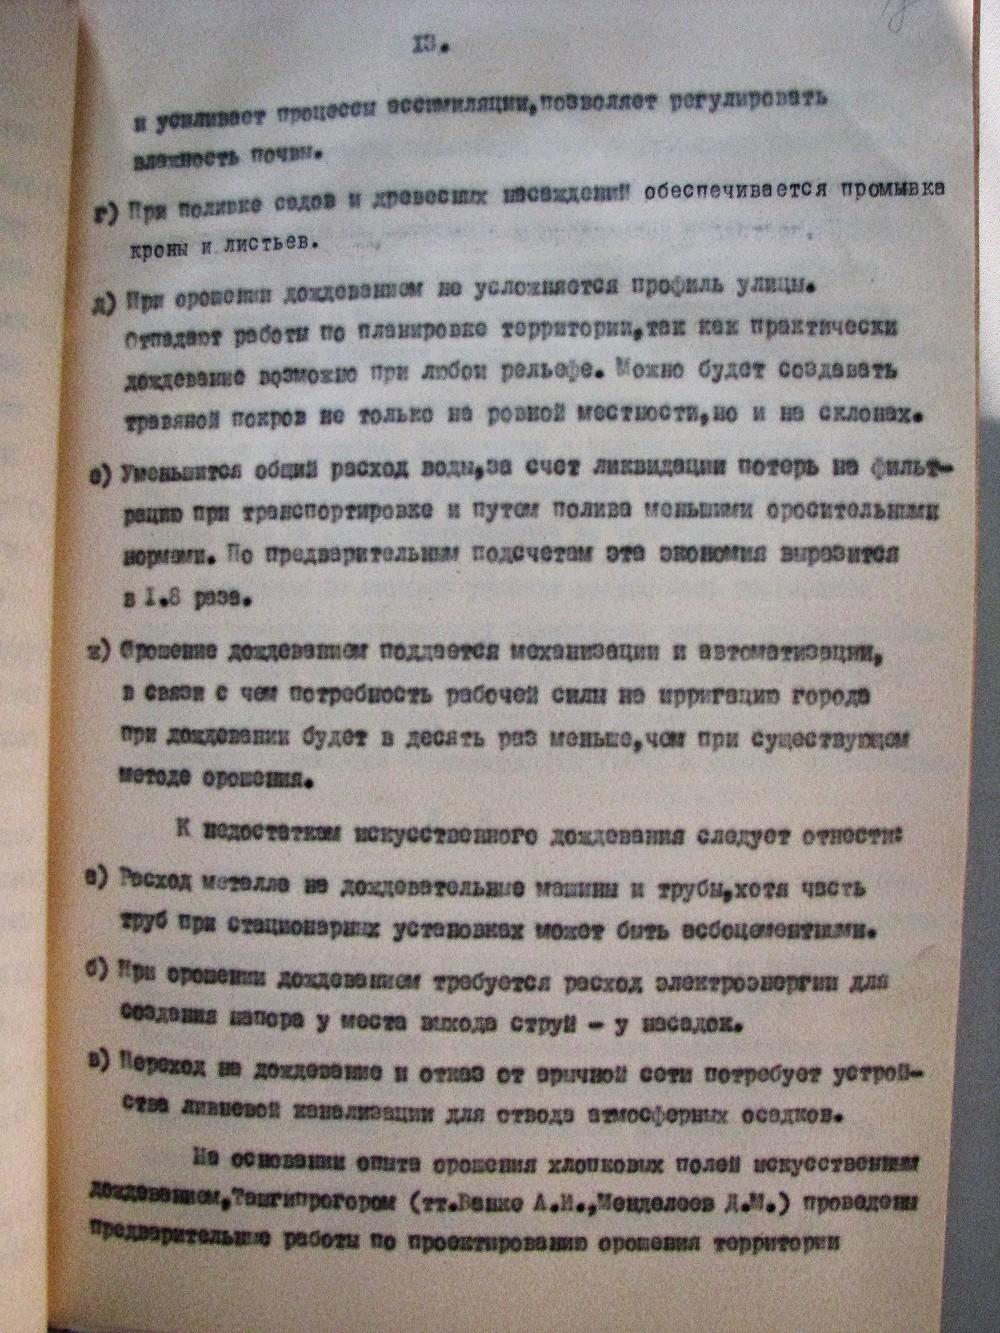 tashkent-1960-18